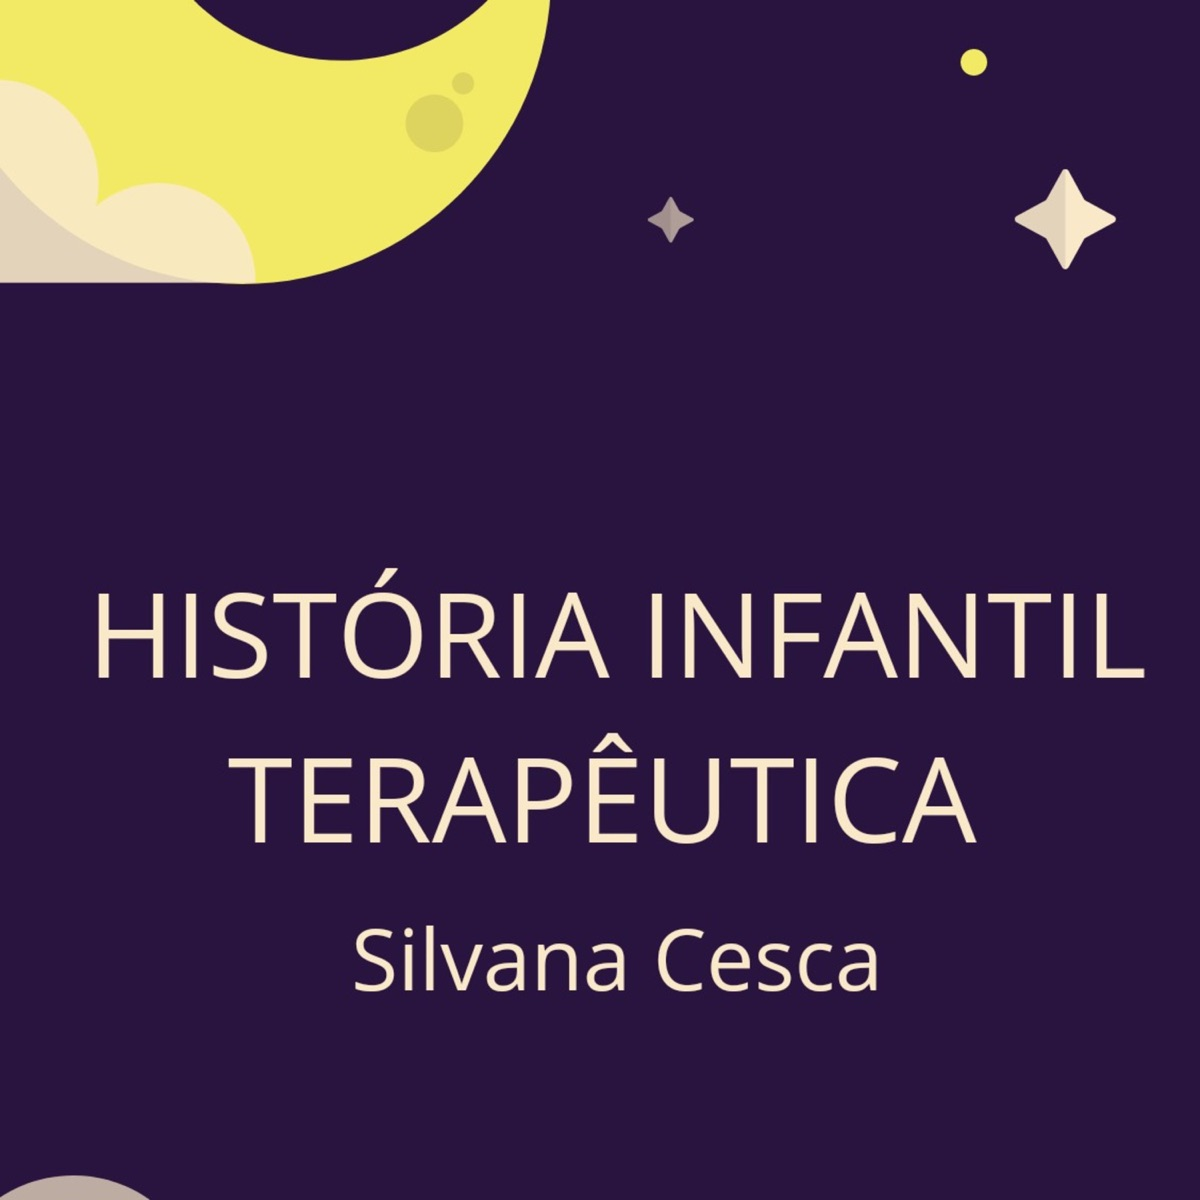 História Infantil Terapêutica- Silvana Cesca